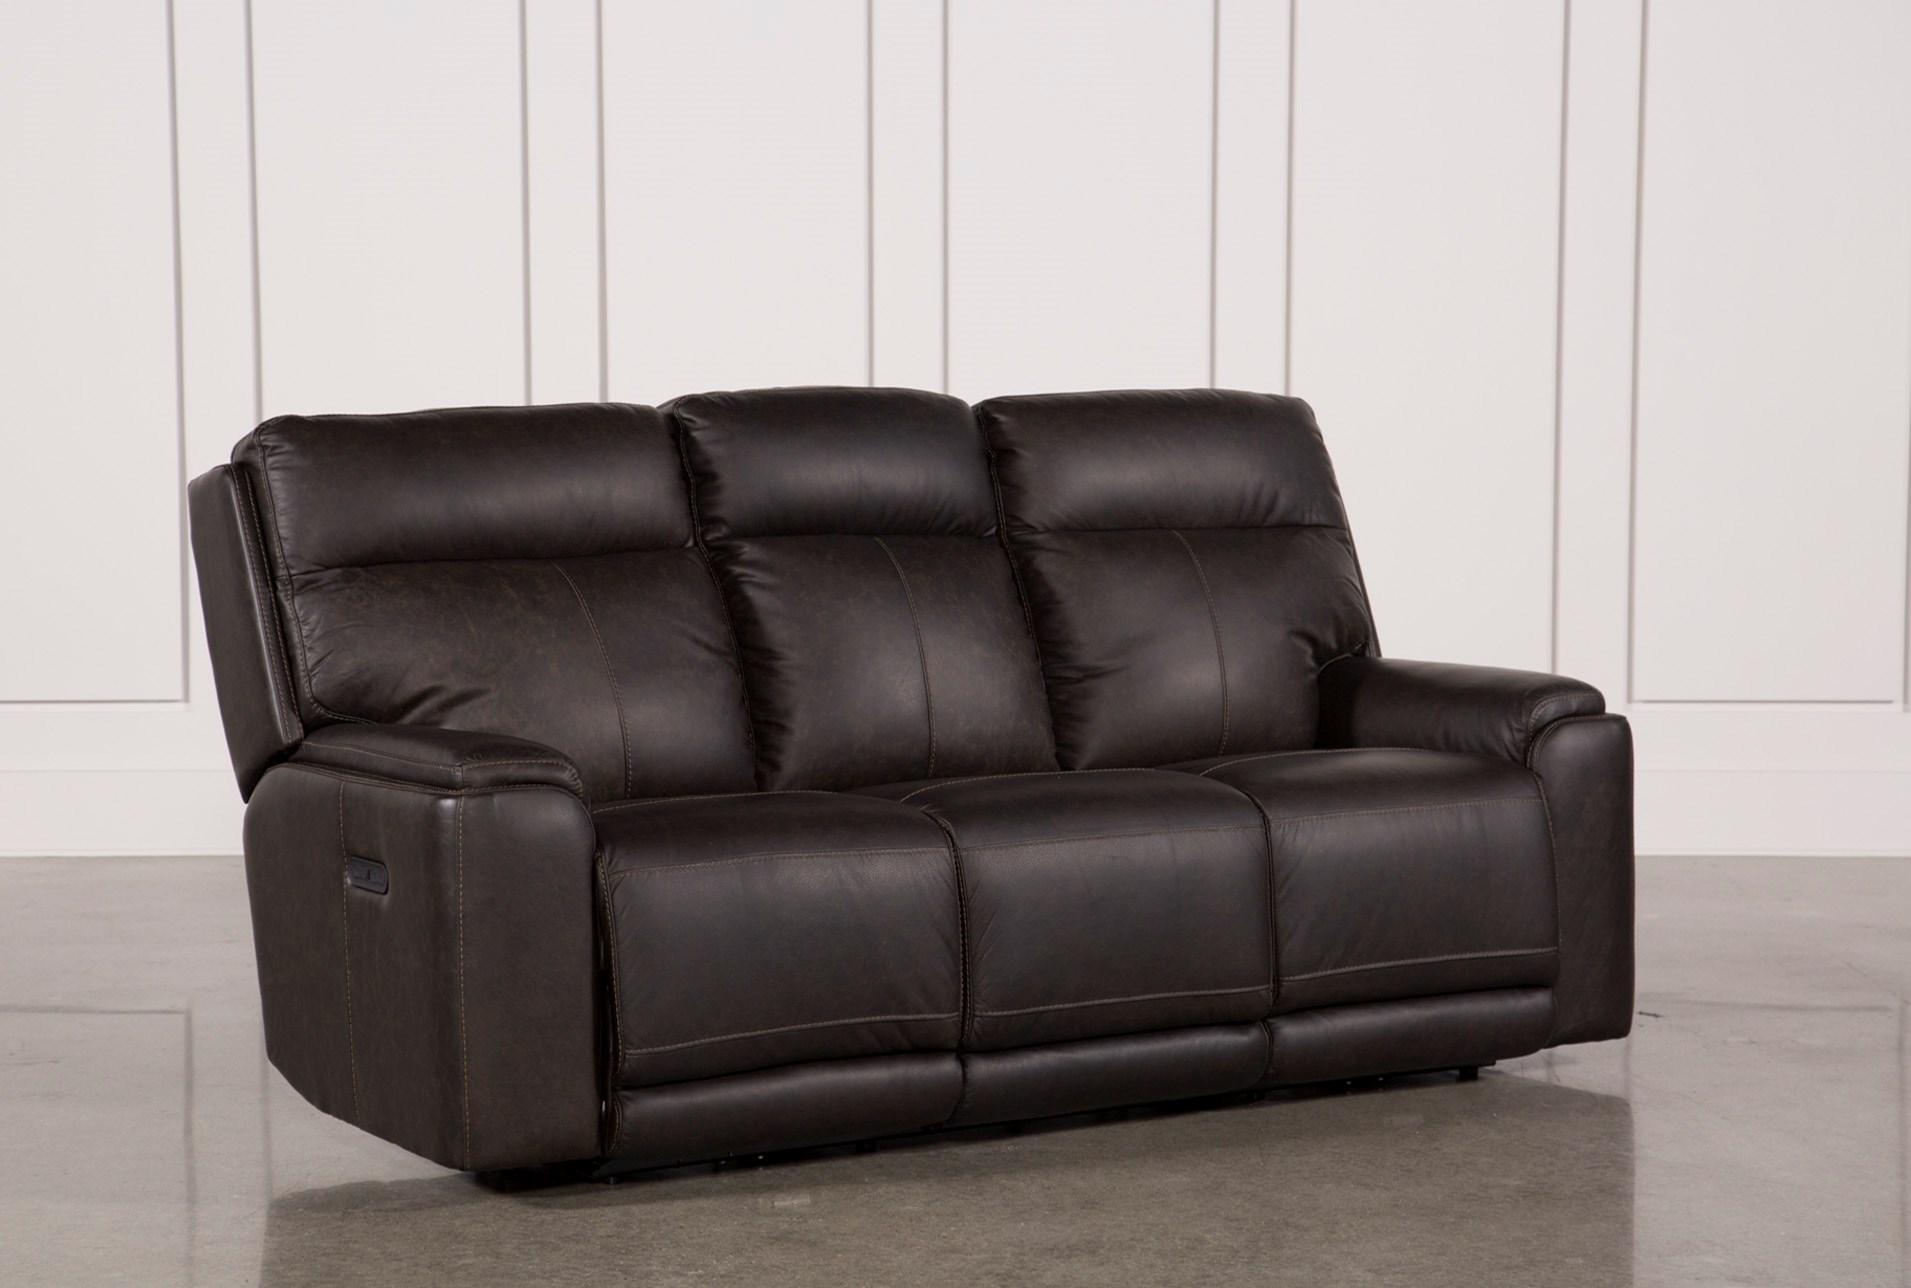 Sinjin Leather Power Reclining Sofa W Power Headrest Living Spaces ~ Red Leather Power Reclining Sofa